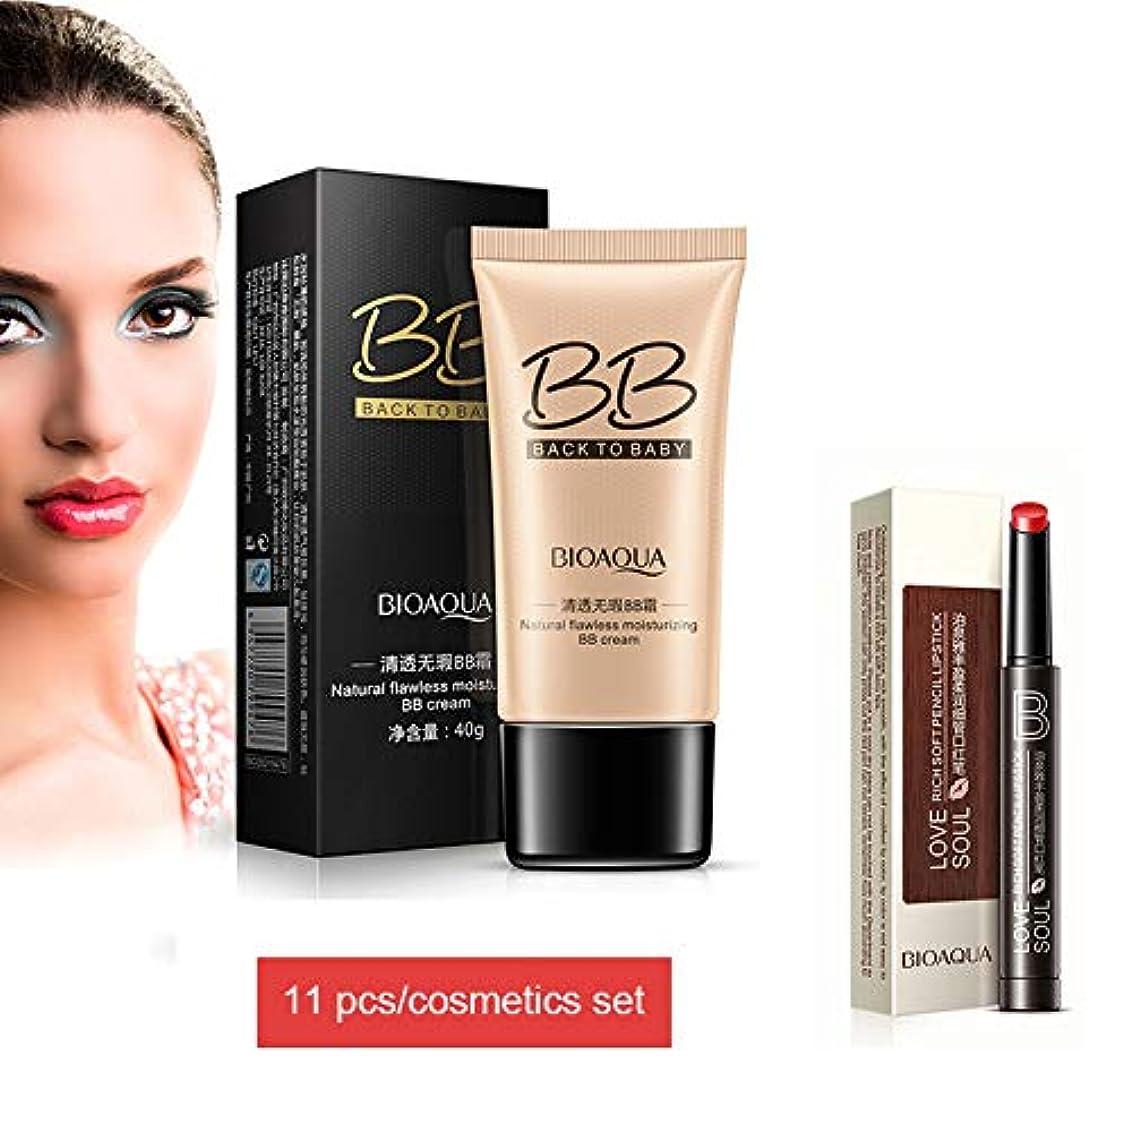 暖かさブレース伝統的Symboat 化粧品セット BBクリーム 口紅 眉毛 ペンシルハンド クリーム アイリップ 鼻 マスクワイプ 明るい肌色 自然な肌色 素肌感 好印象 好感度アップ